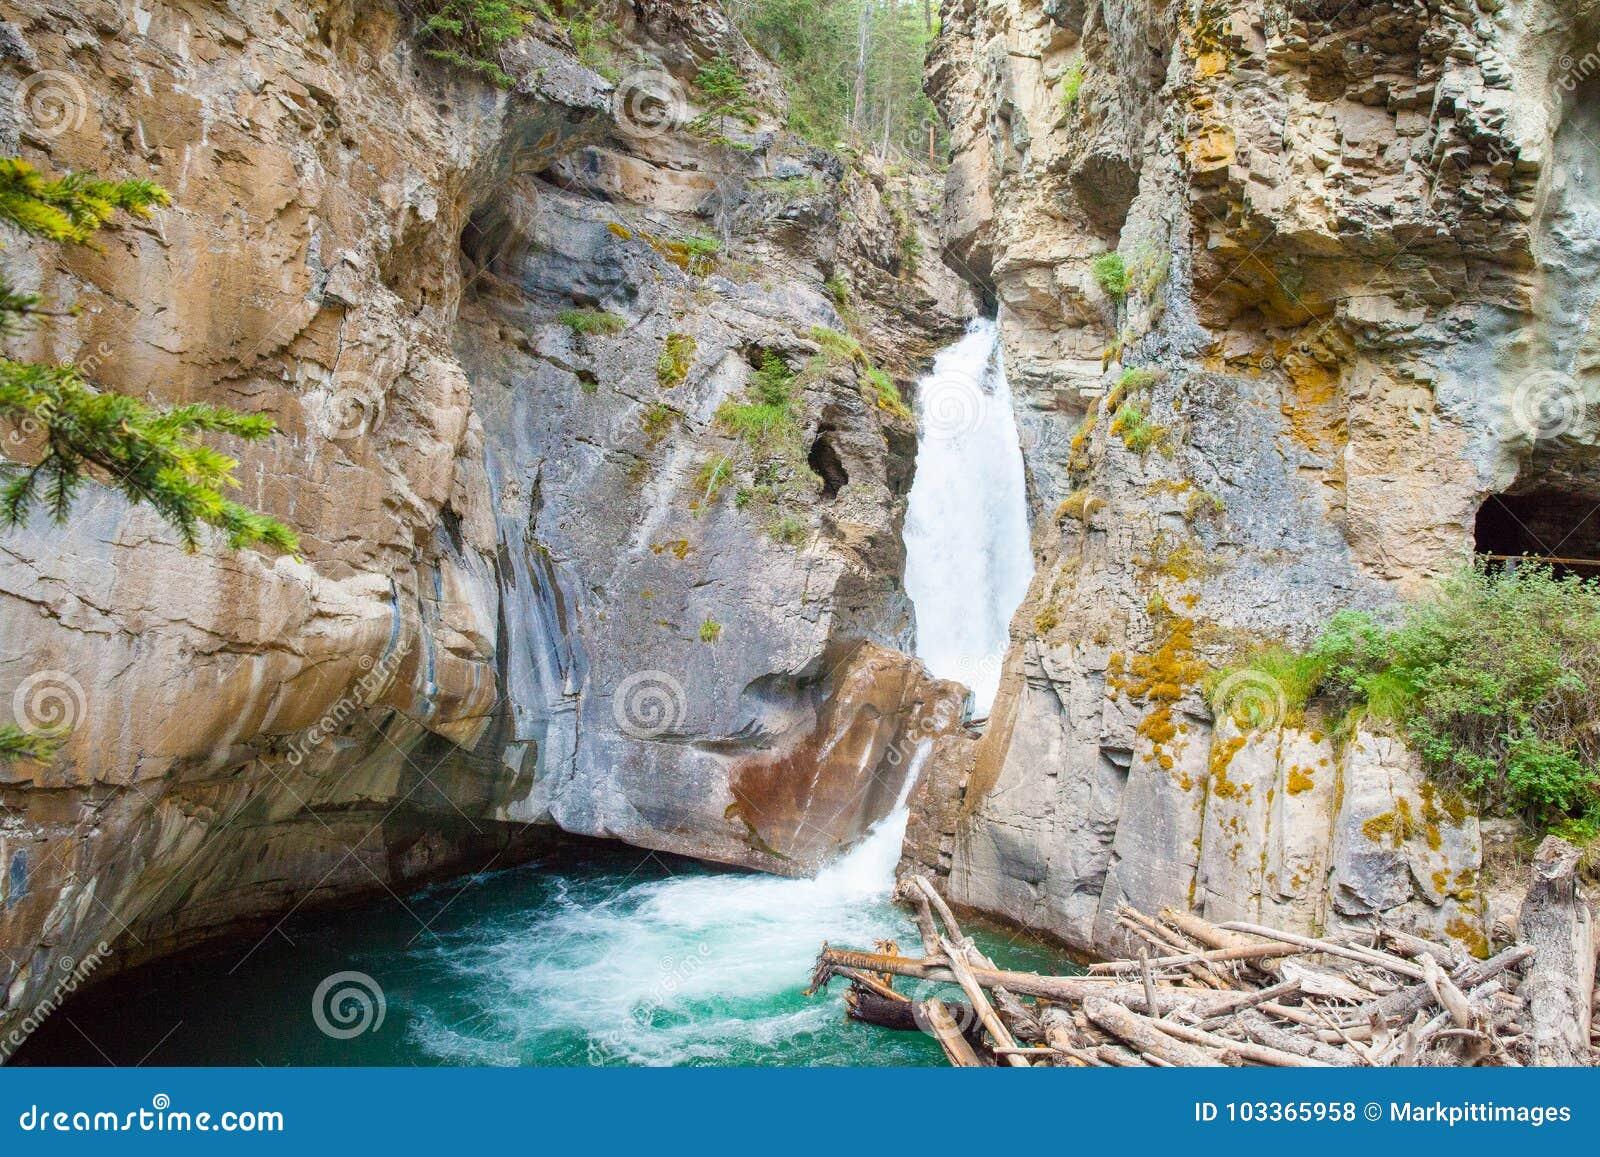 Wasserfall in Nationalpark Johnston-Schluchtbanffs